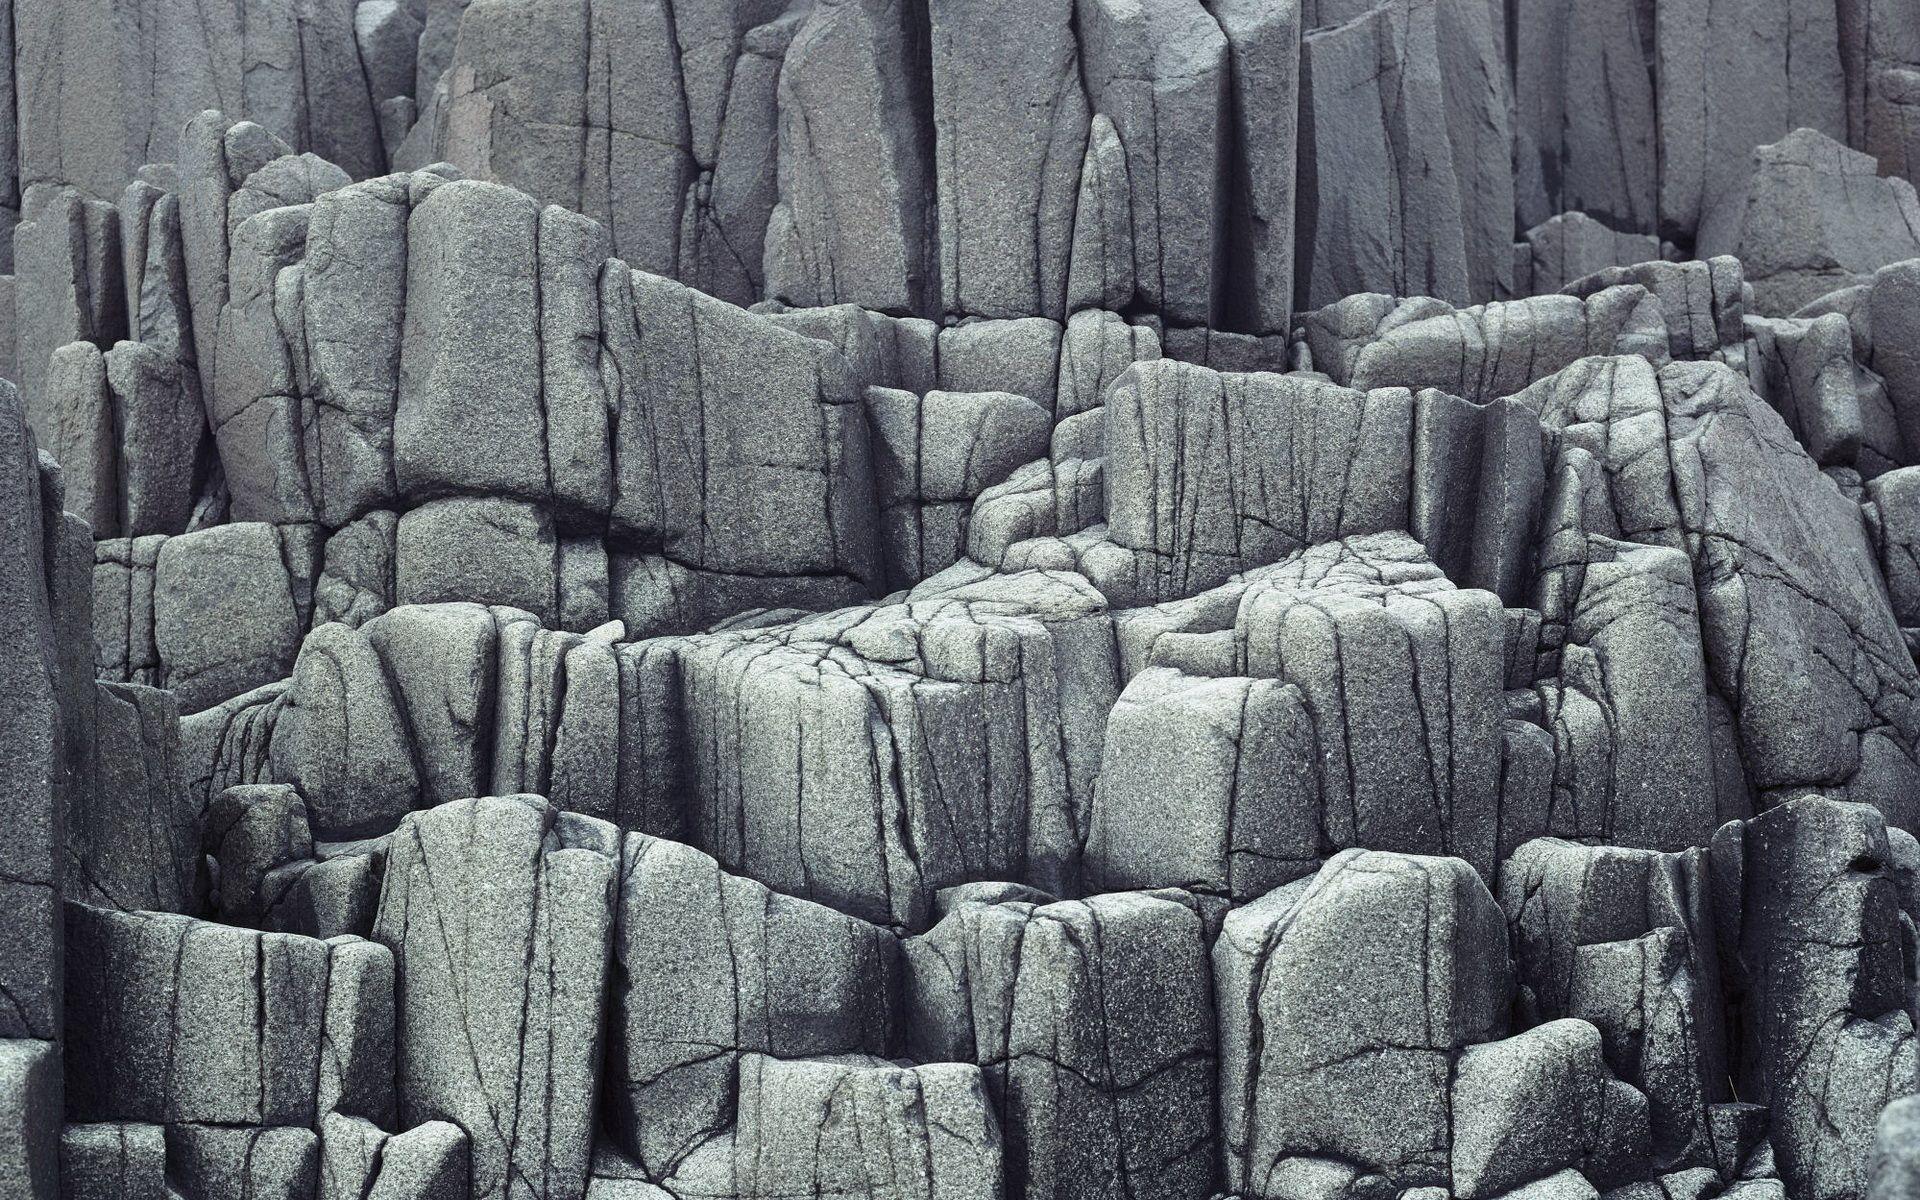 Columnar Basalt, Brier Island, Nova Scotia, Canada Similar